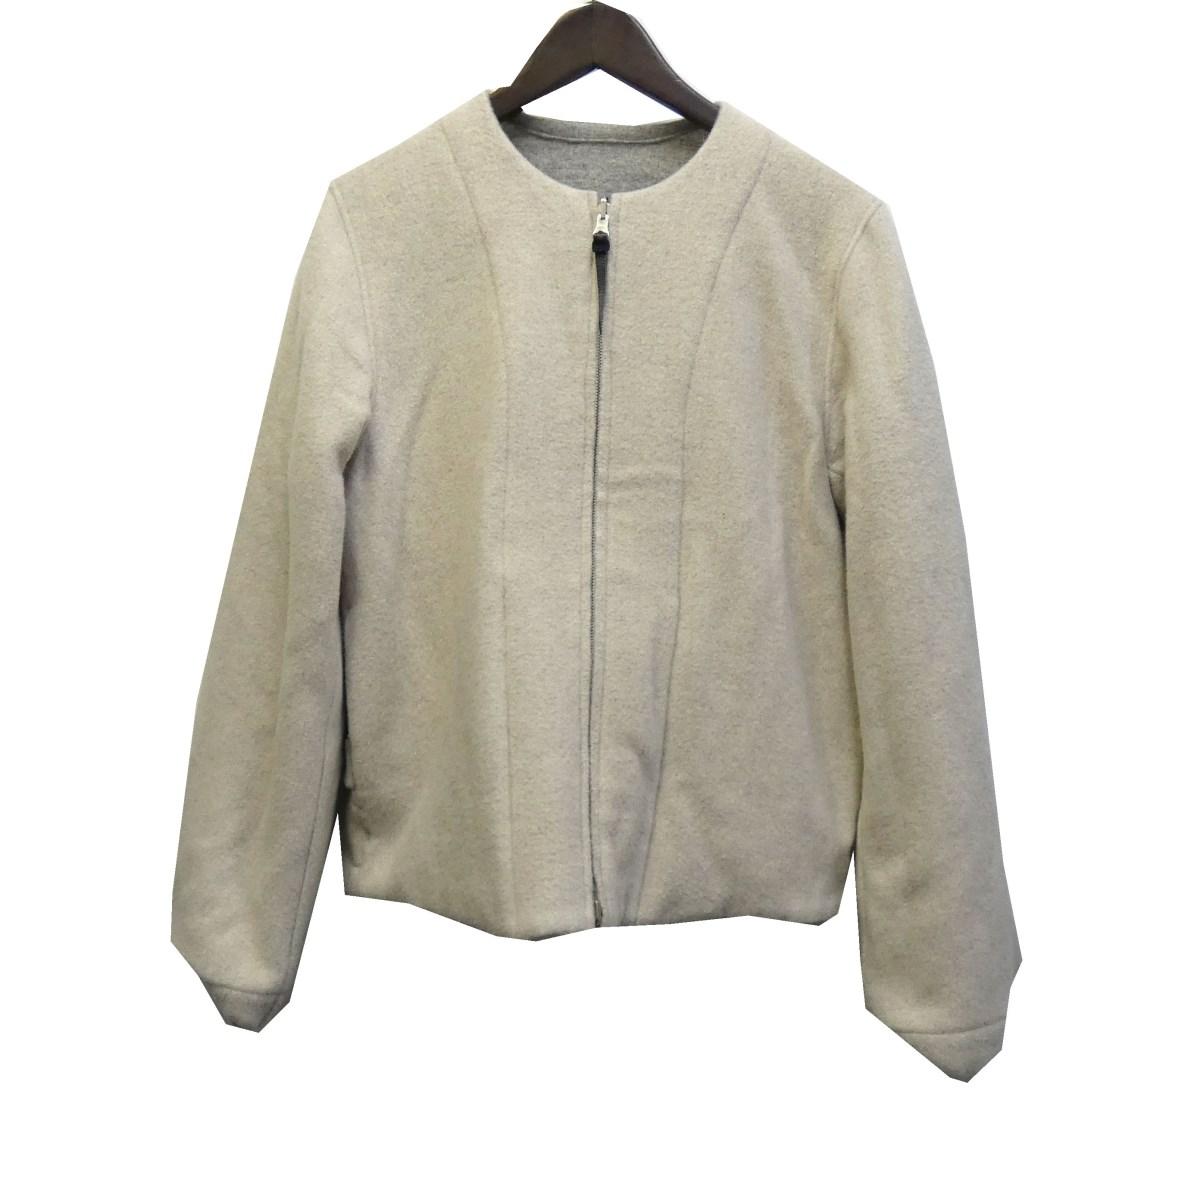 【中古】SUNSEA 14AW リバーシブルノーカラージャケット グレー×ホワイト サイズ:2 【230120】(サンシー)